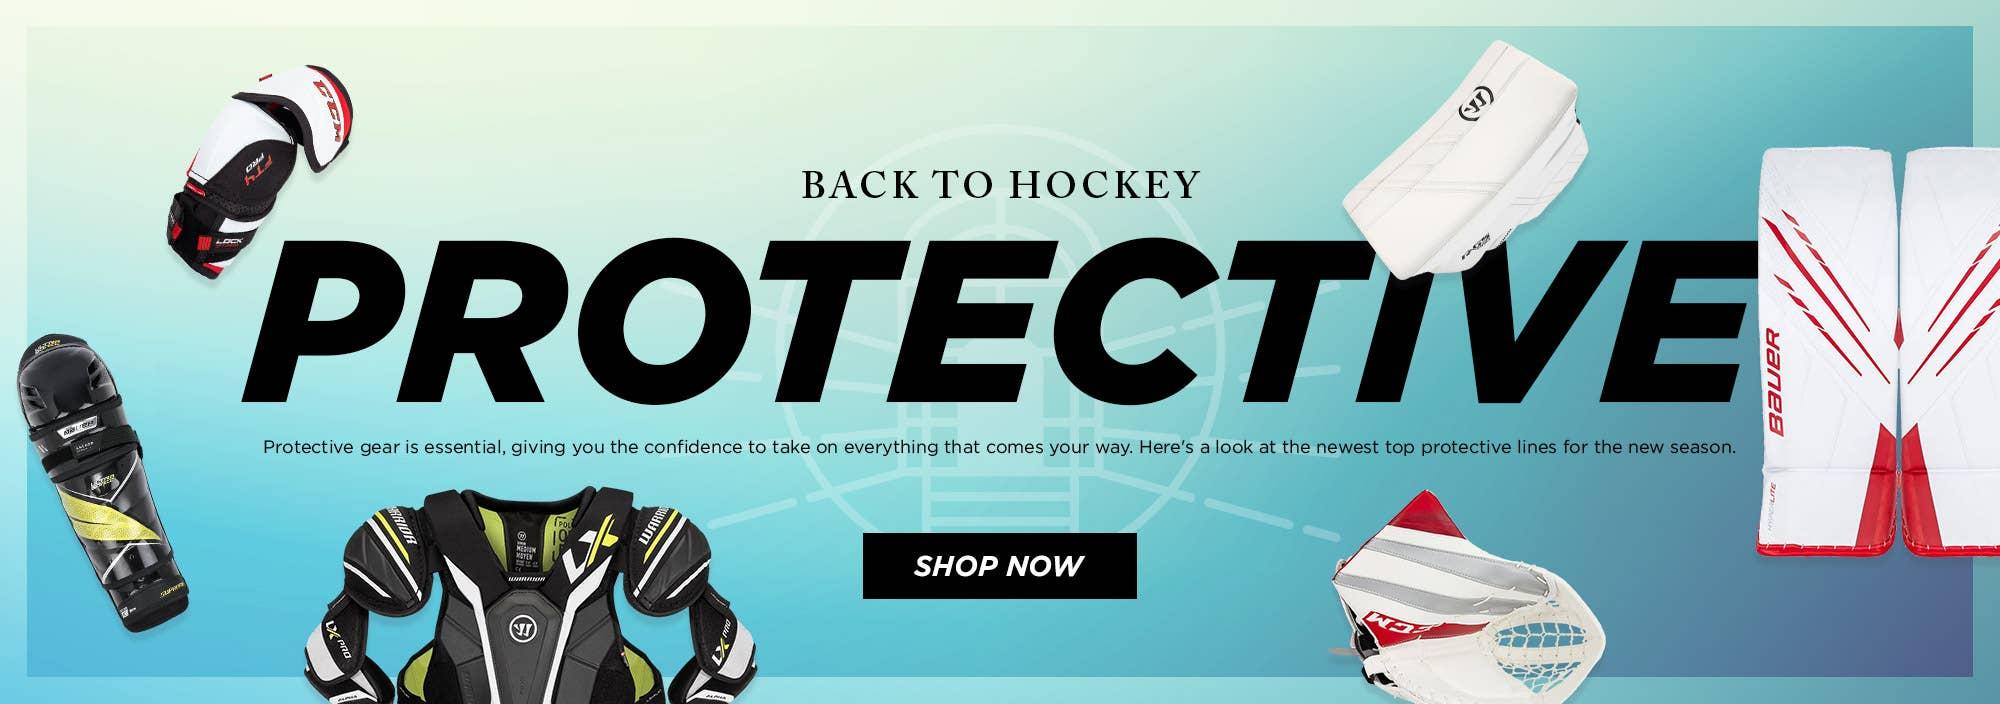 Back to Hockey: Protective